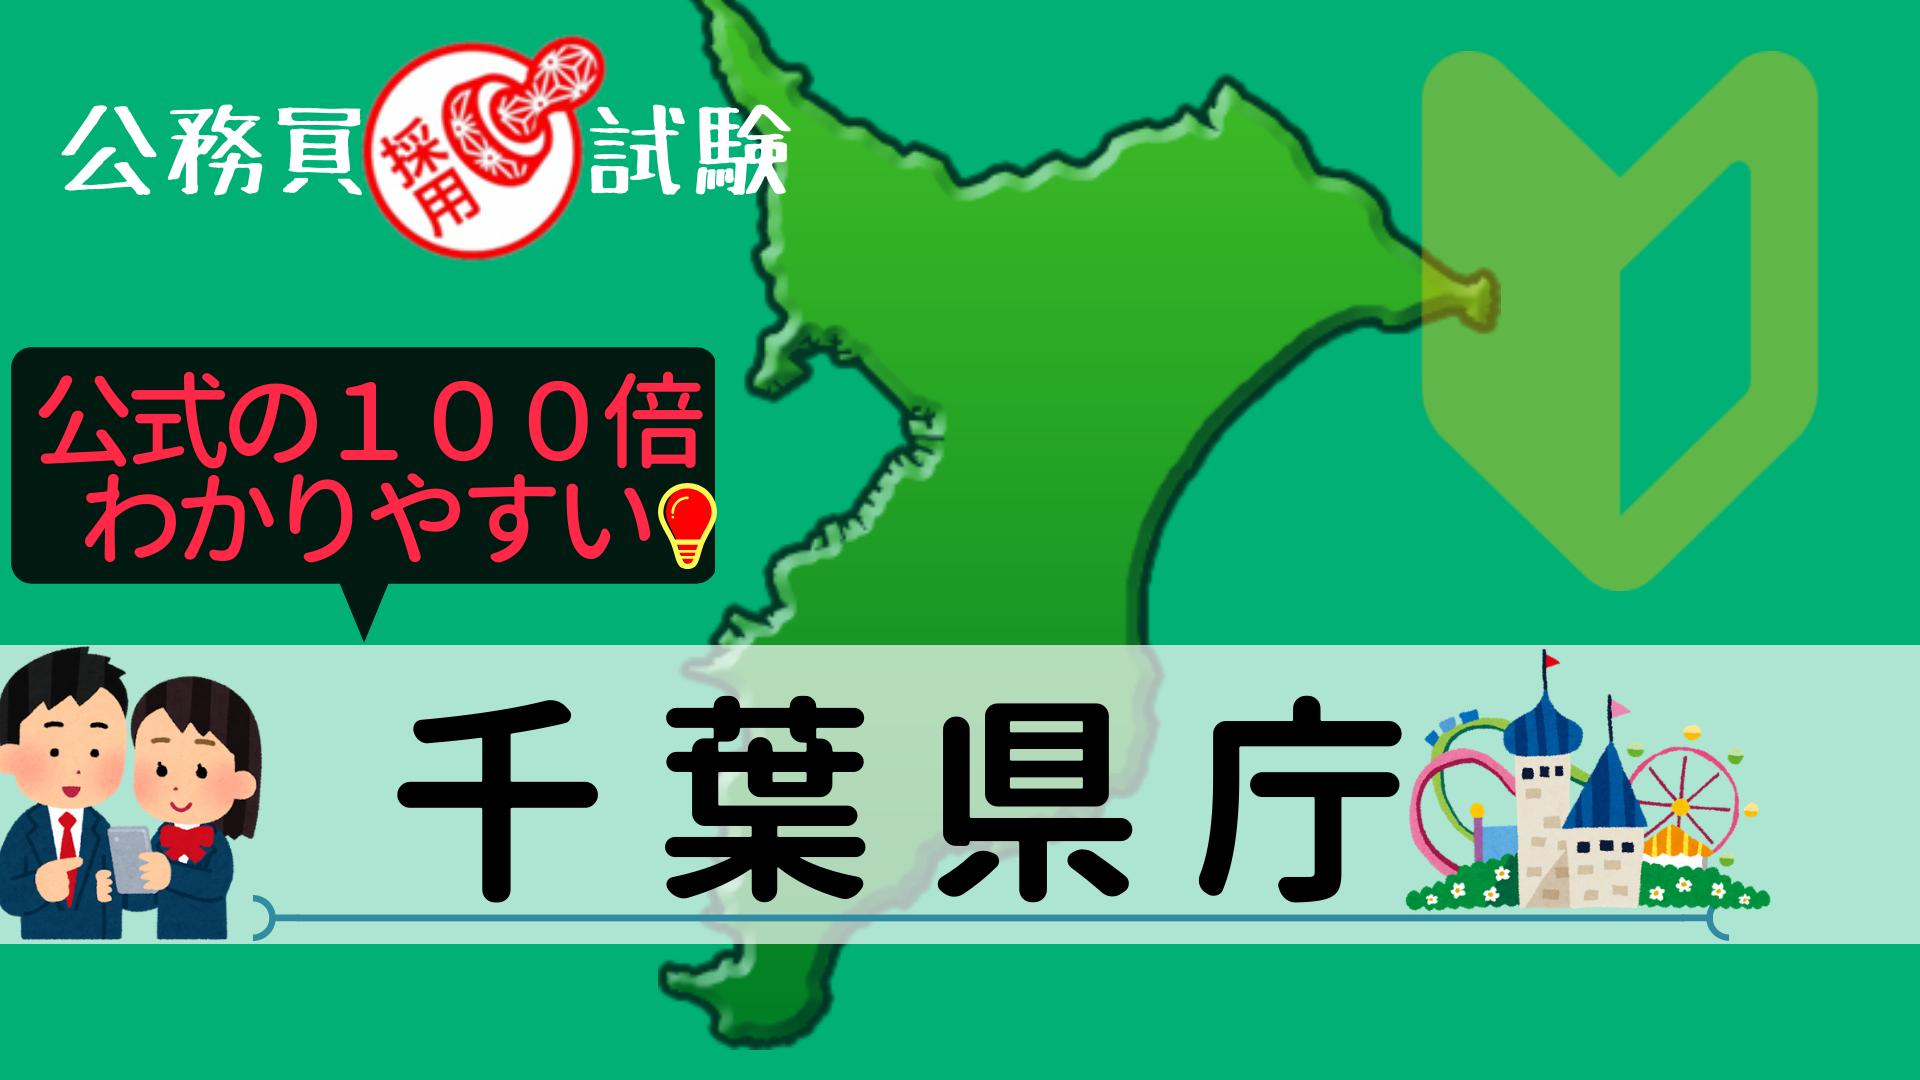 千葉県庁の公務員採用試験について